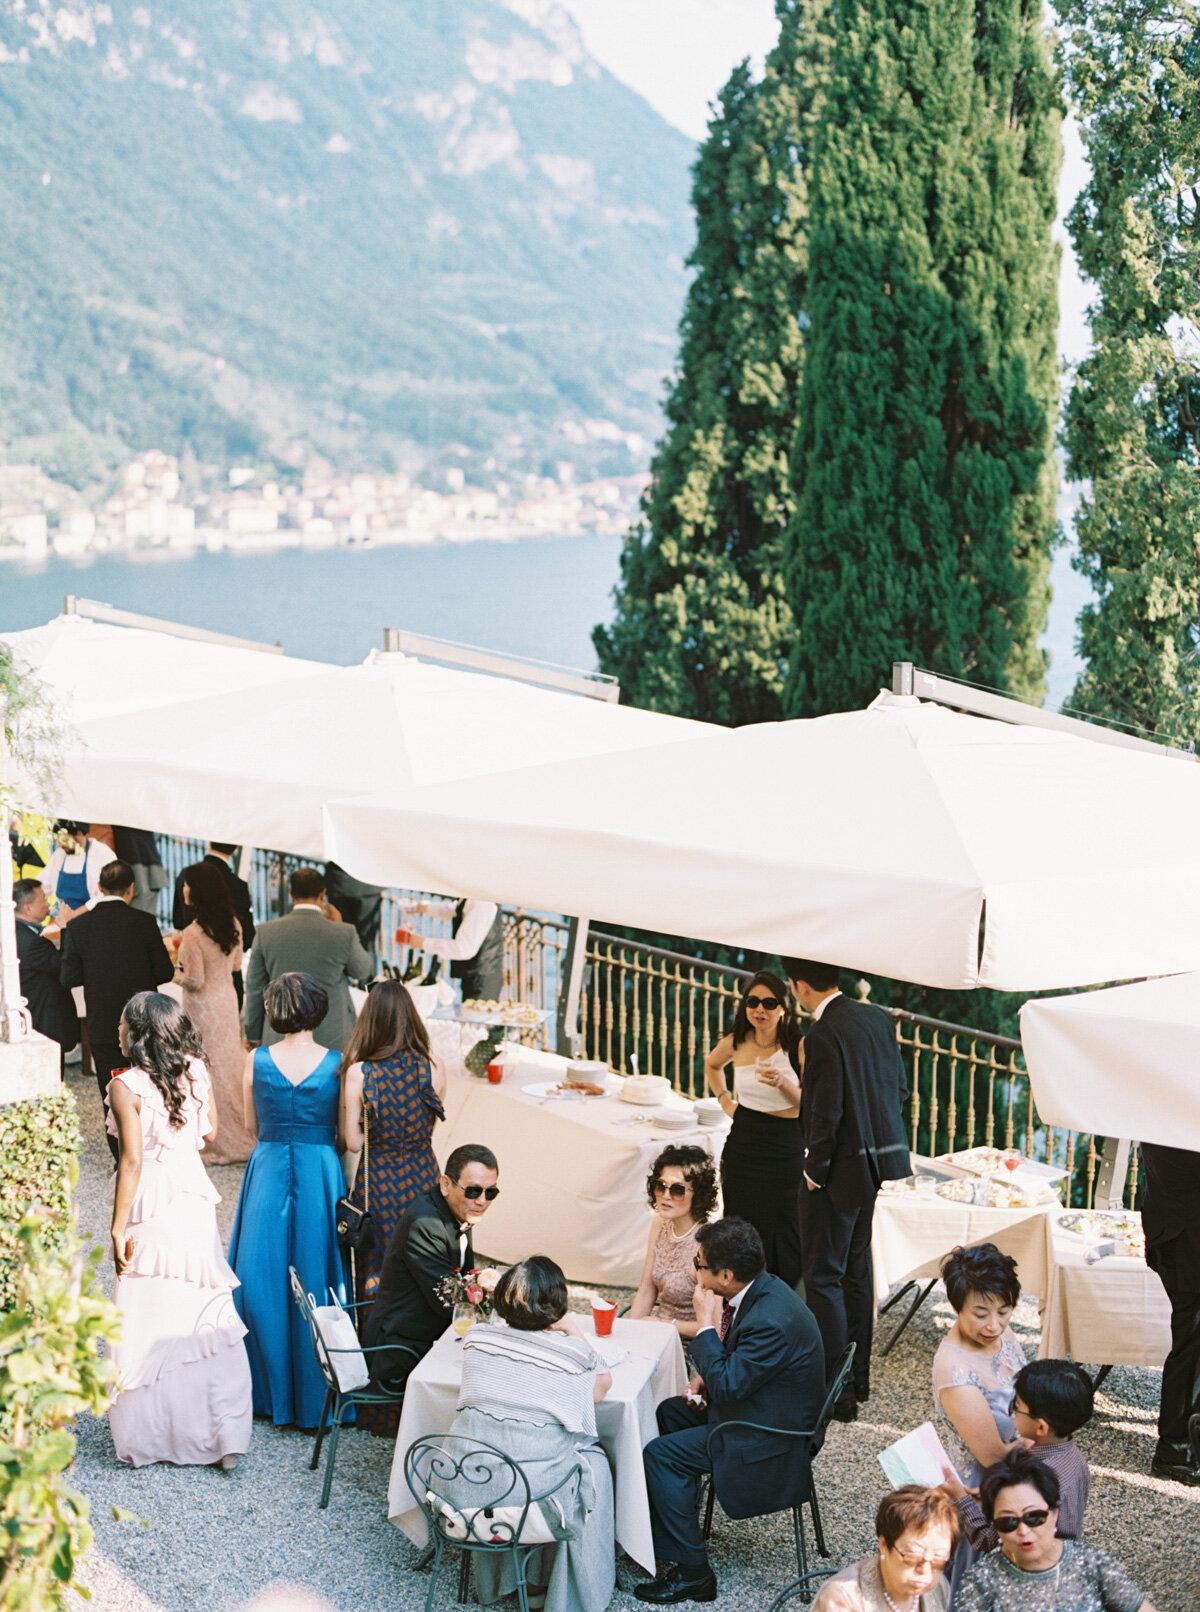 Lake-Como-Villa-Cipressi-Wedding-Katie-Grant-destination-wedding (64 of 93).jpg